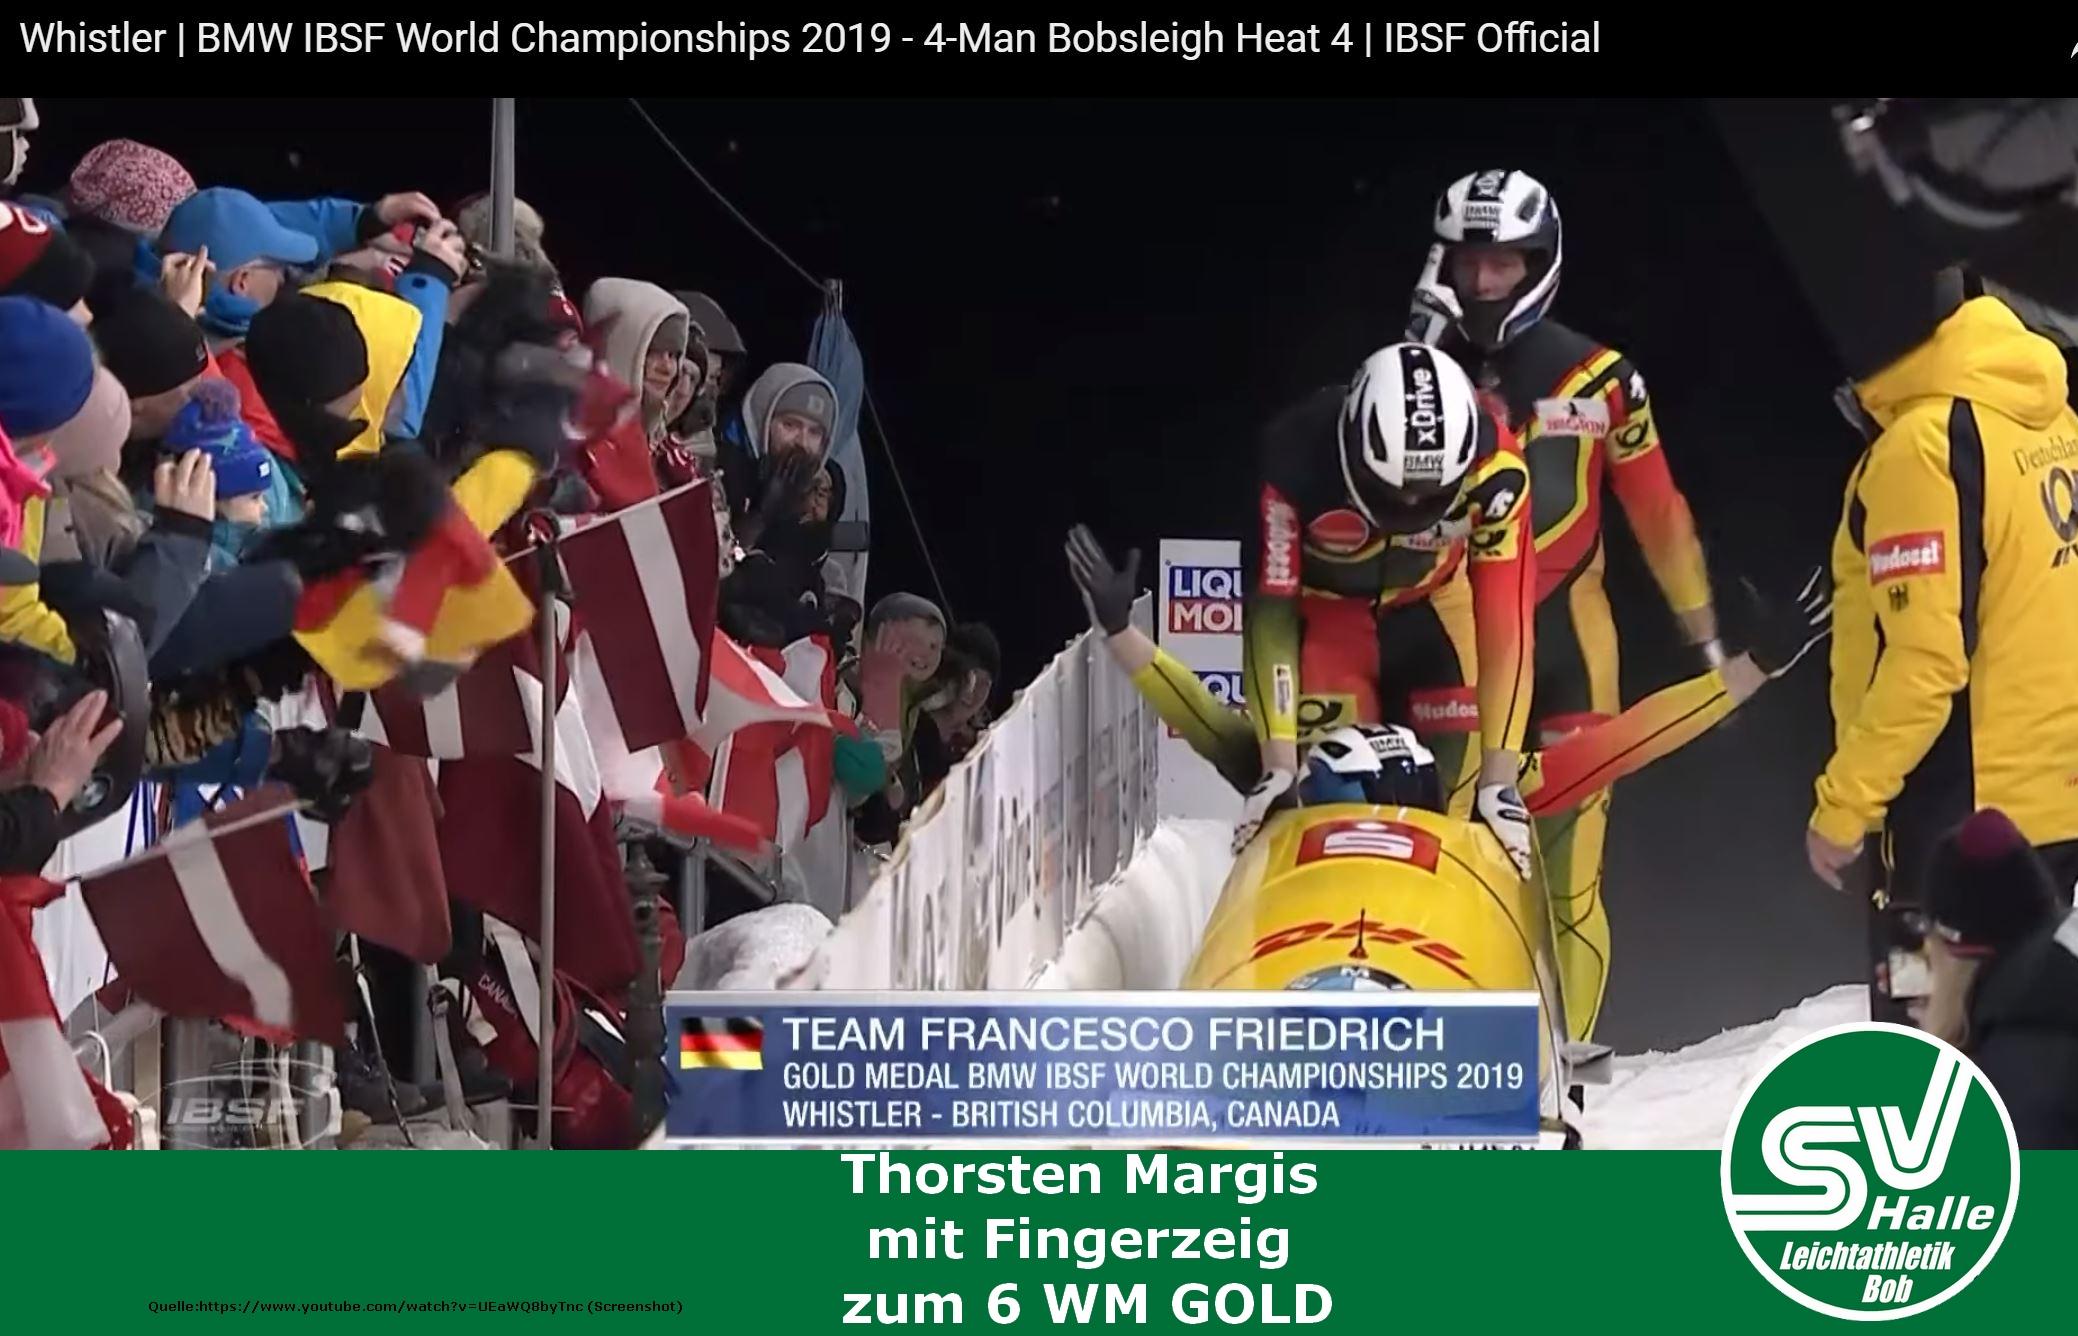 2019.03.10 - Thorsten Margis mit Fingerzeig zum 6 WM gold - screenshot youtube https://www.youtube.com/watch?v=UEaWQ8byTnc